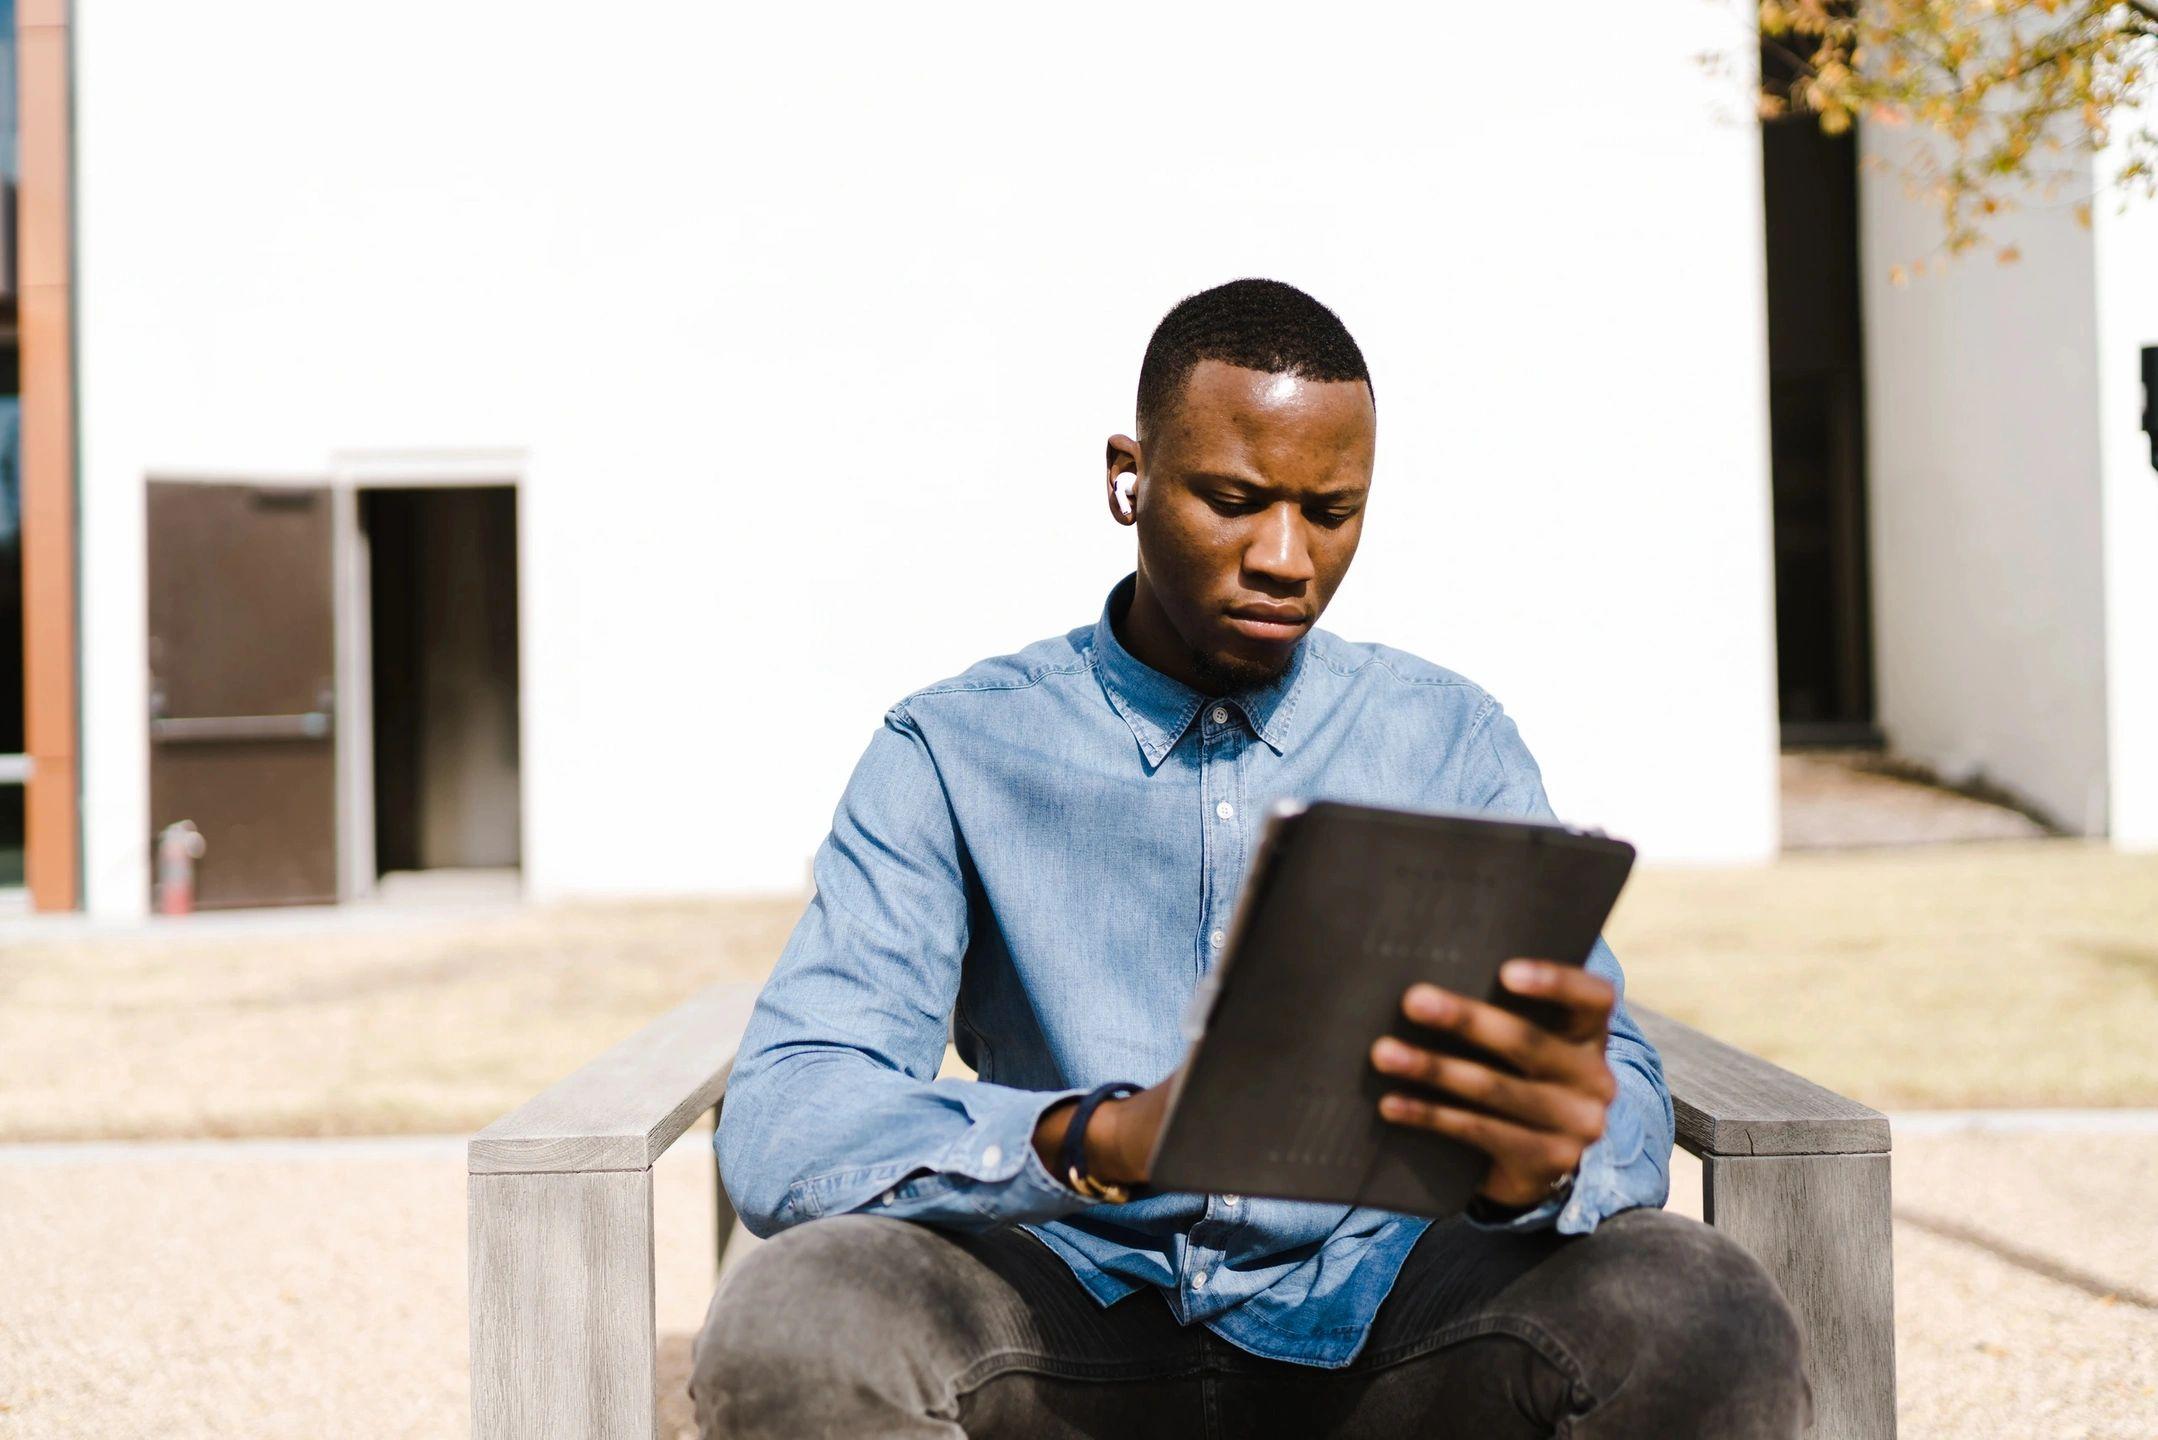 A man studies a laptop.